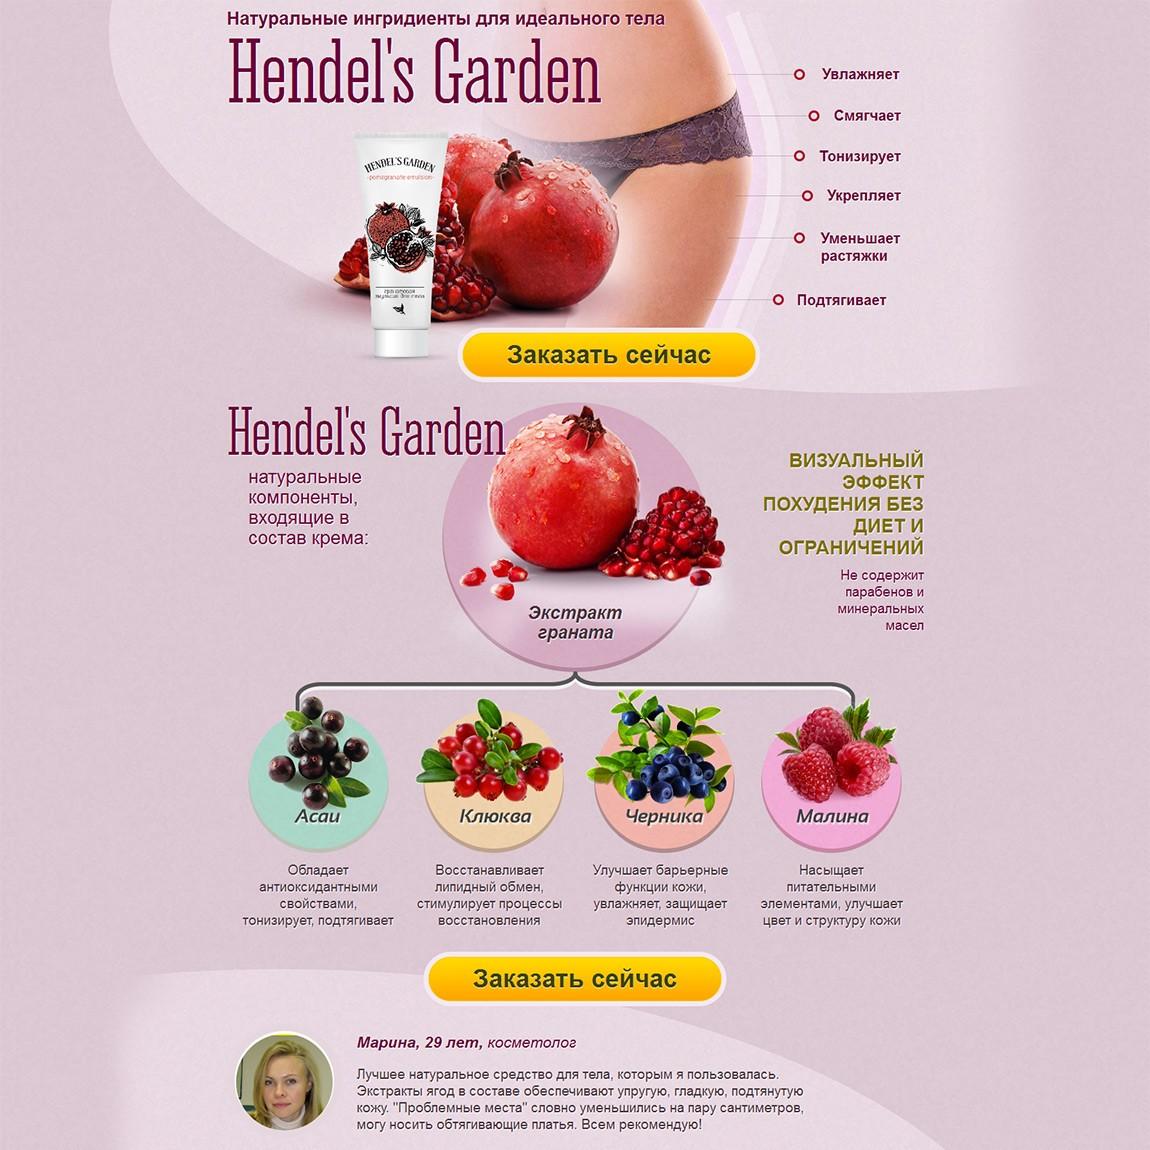 Миниатюра готового лендинга для товара Hendel's Garden крем 01